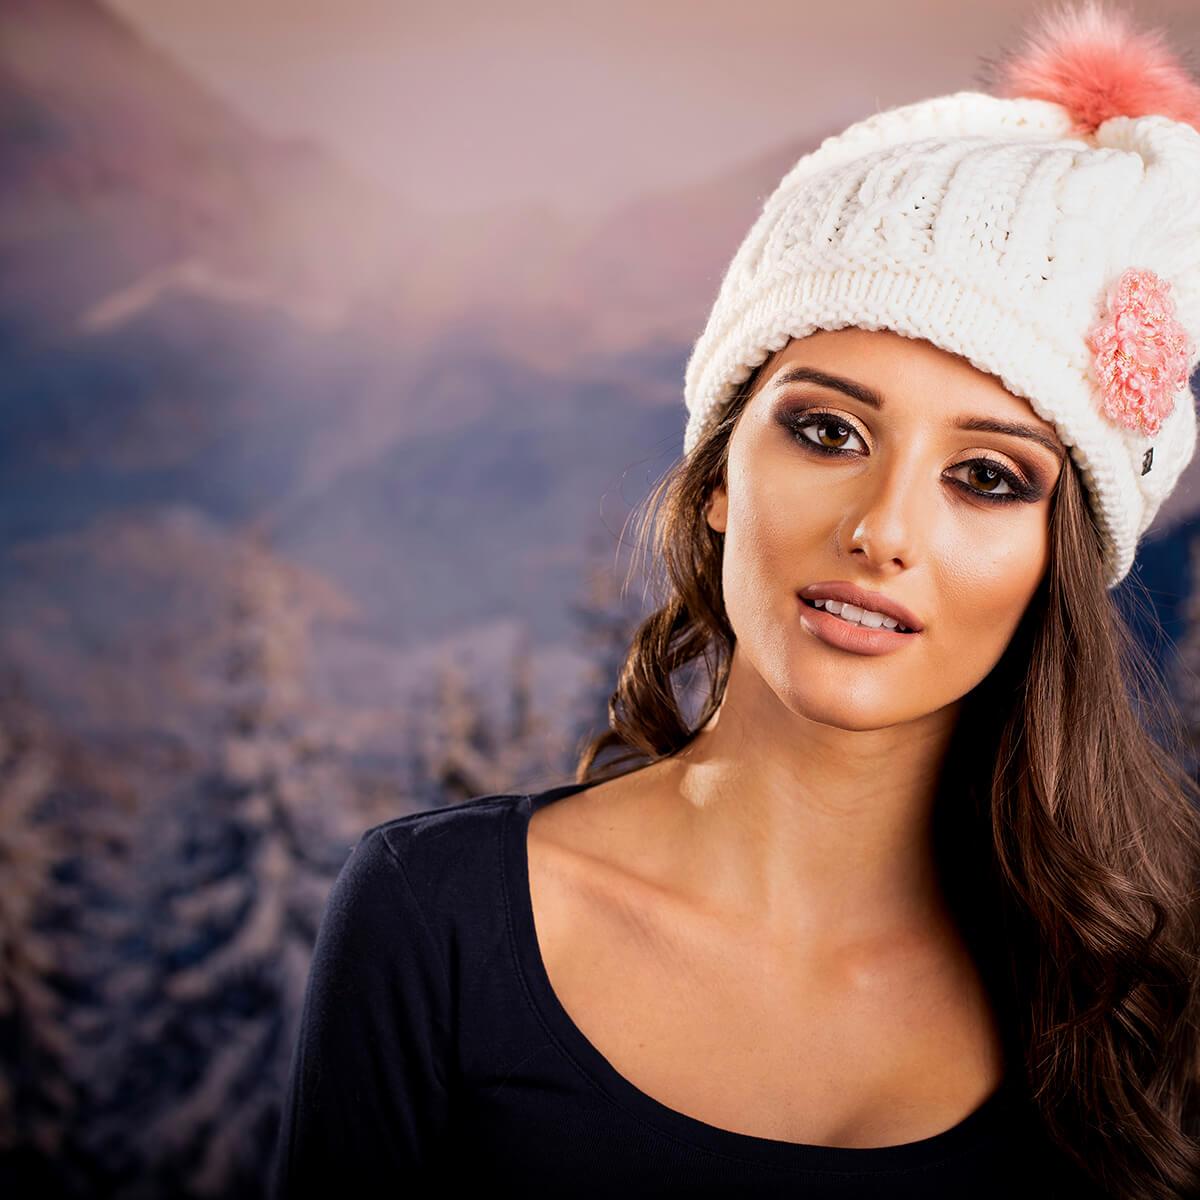 Фотография за онлайн магазин Bonhats.com